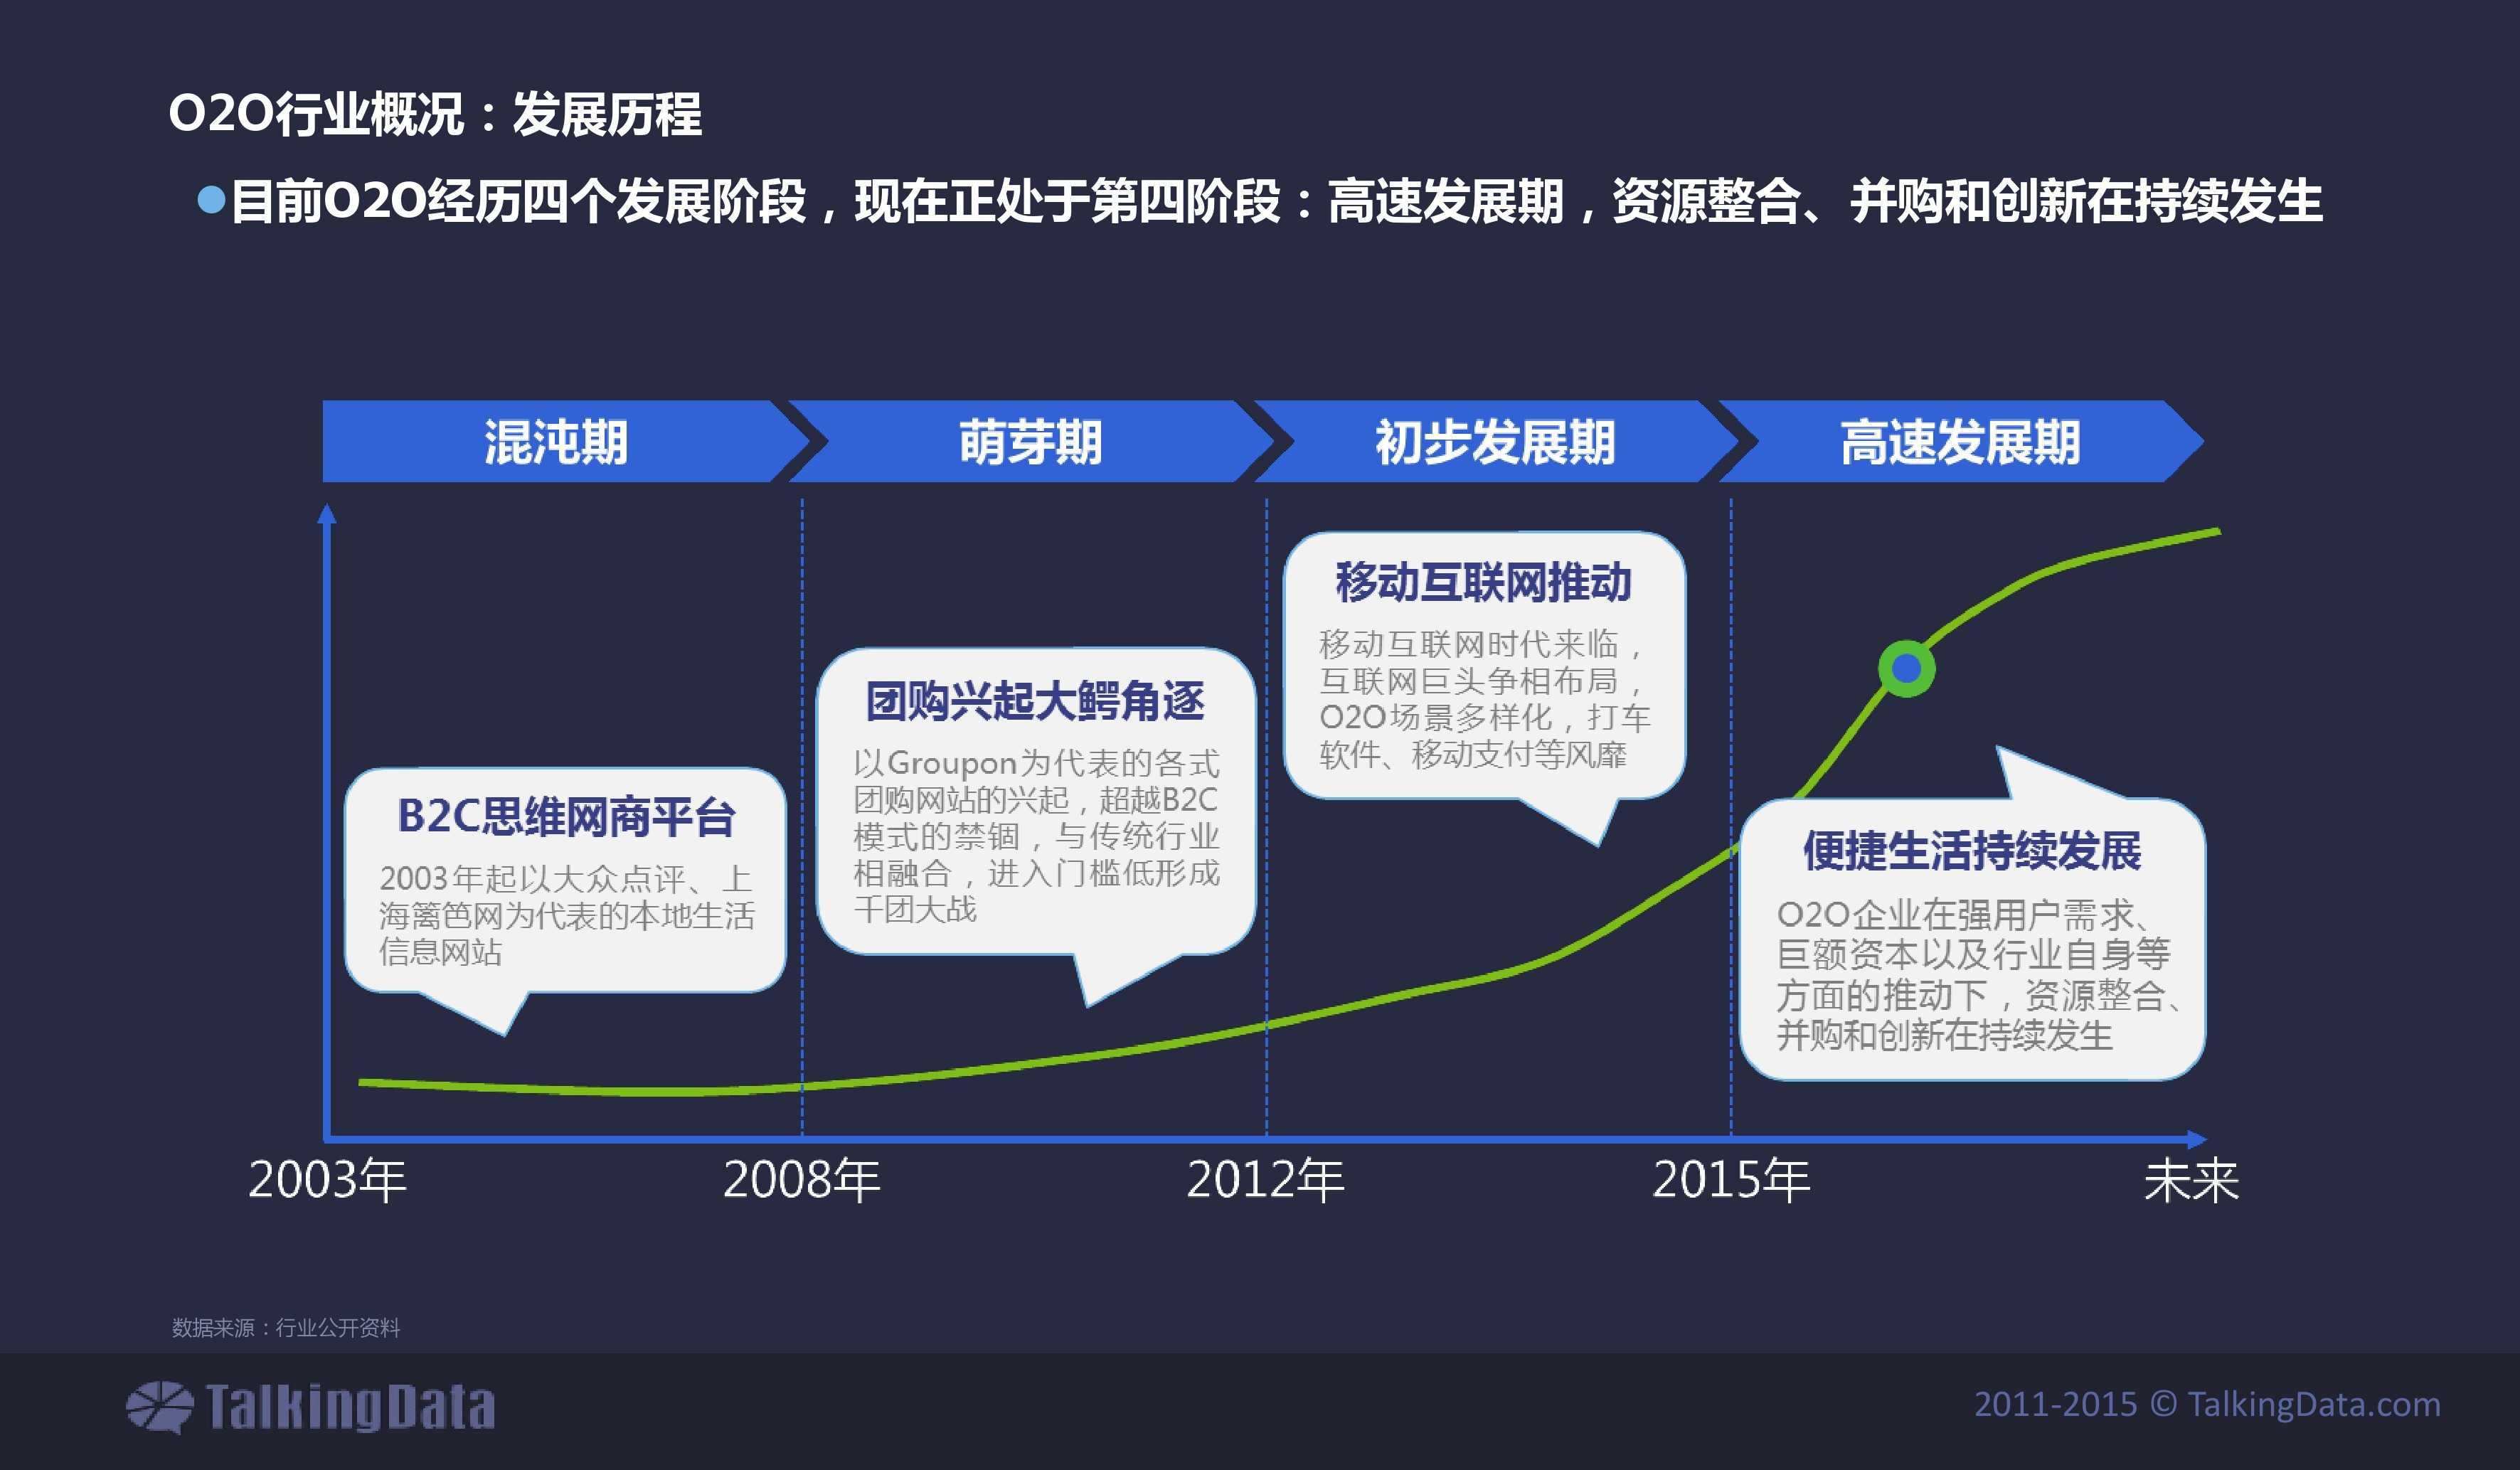 TalkingData2015年上门O2O移动应用行业报告_000003